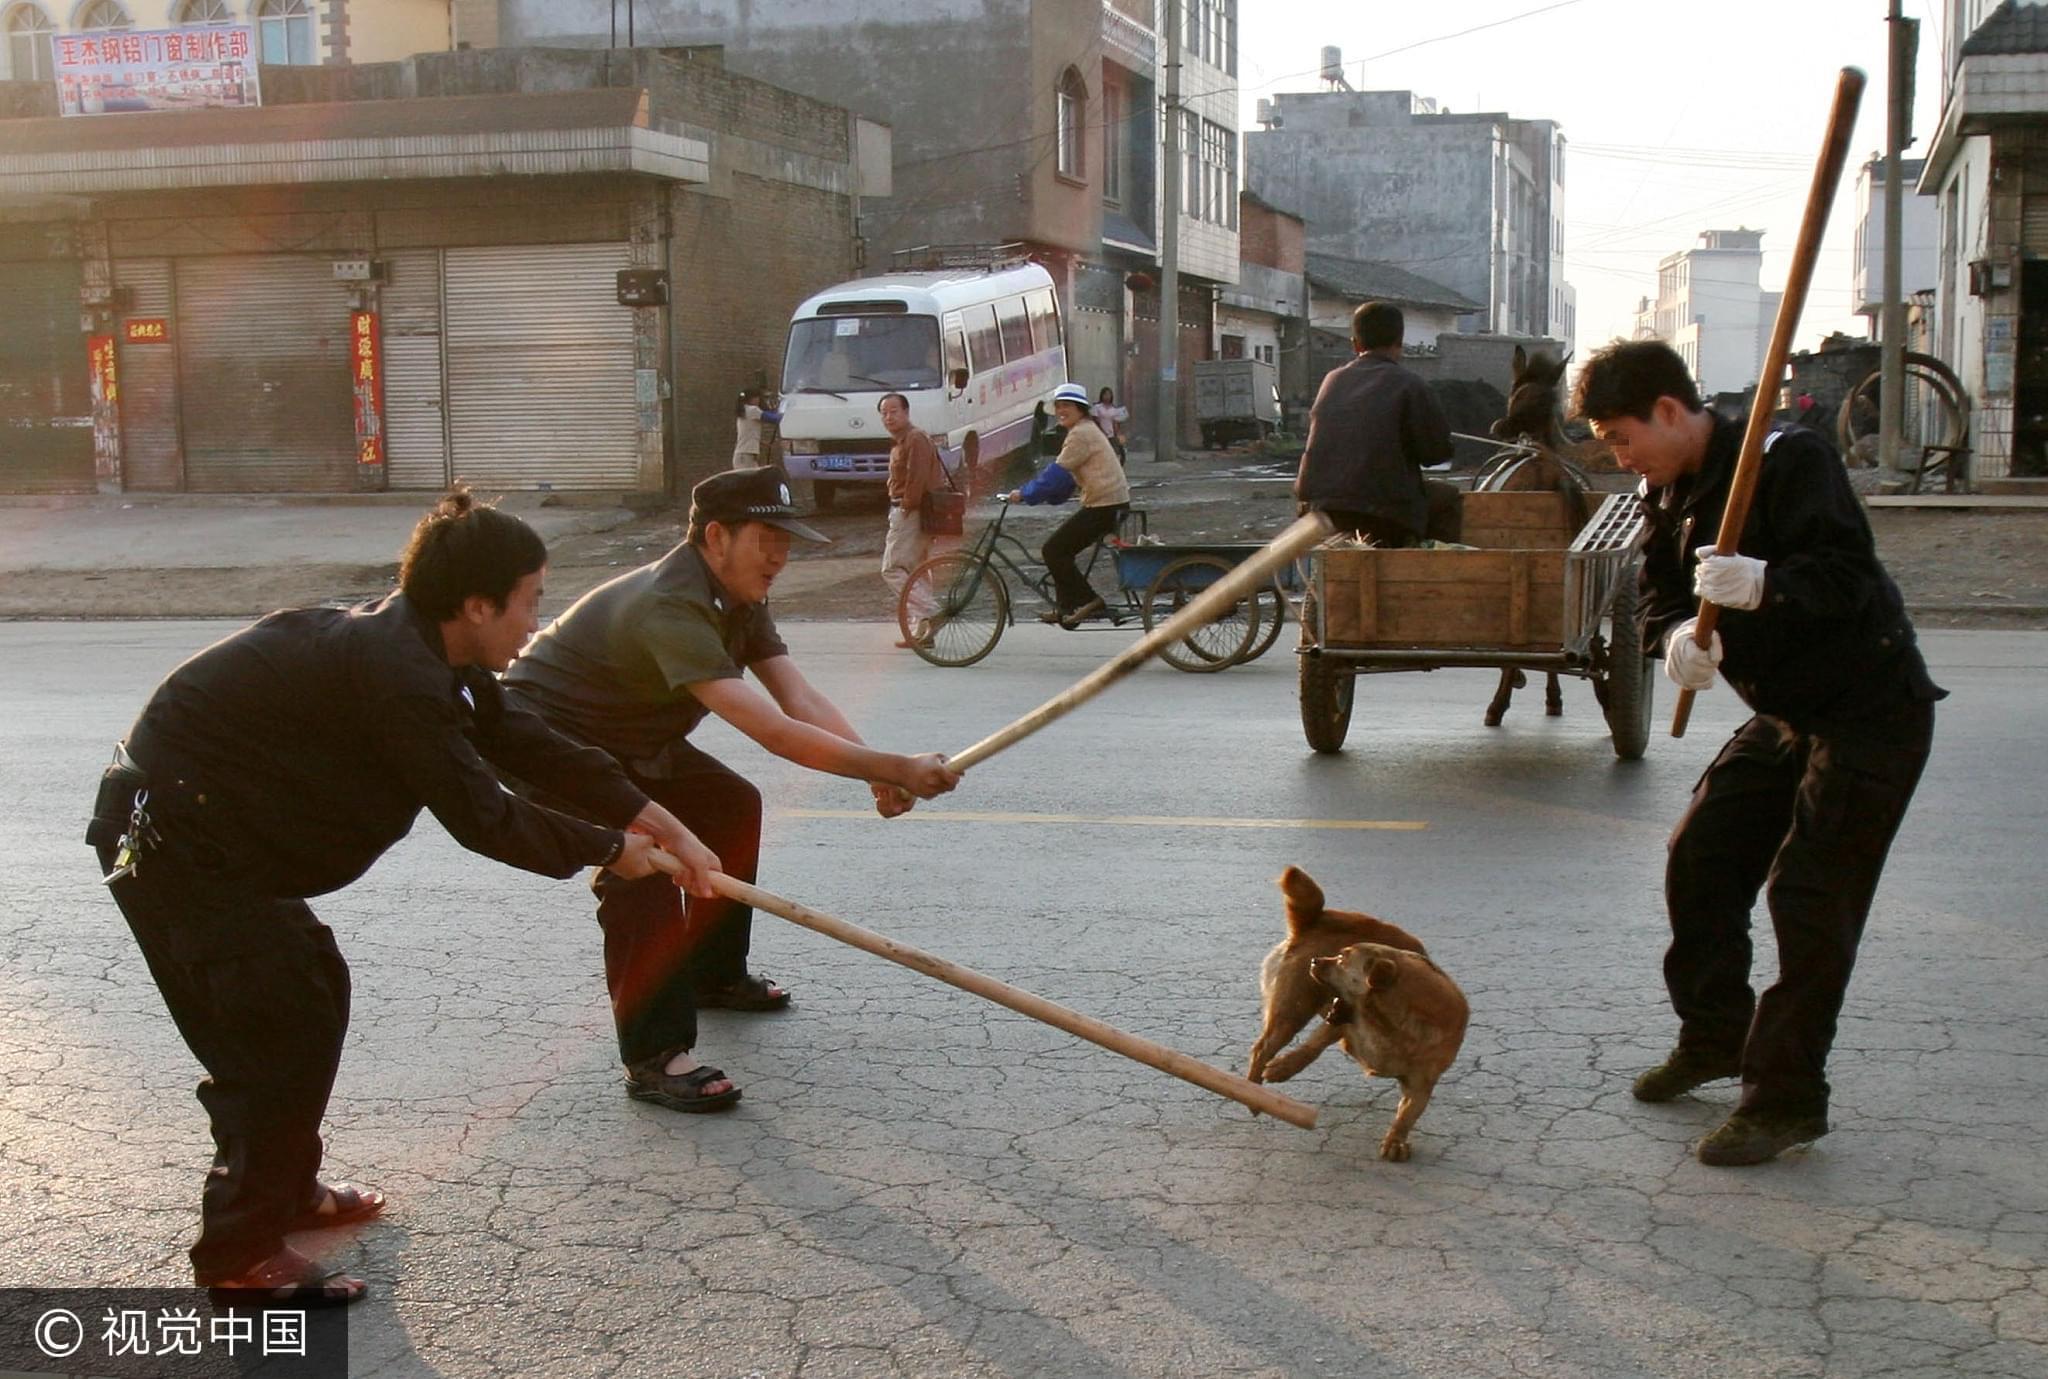 2006年4月25日,云南罗平县为建设成为国家级卫生县城,全城捕杀流浪狗/视觉中国